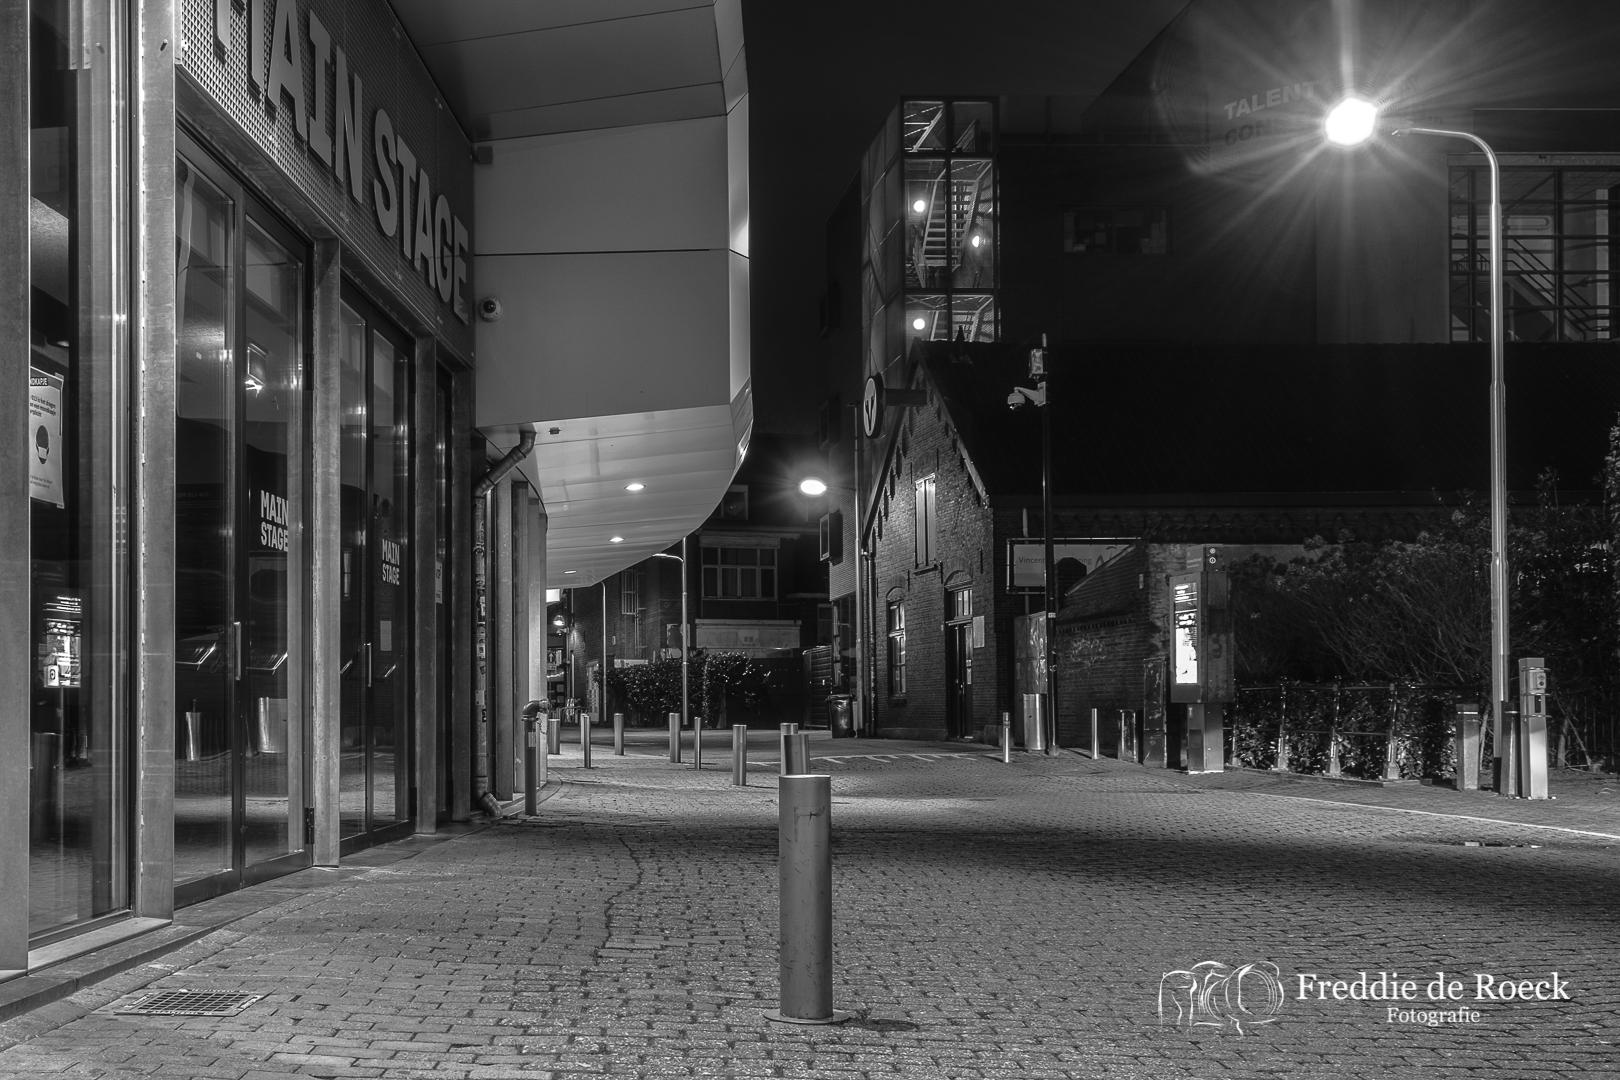 Stadsbrouwerij 013 _  _  29 jan 2021 _ Foto _ Freddie de Roeck _   5_JPG